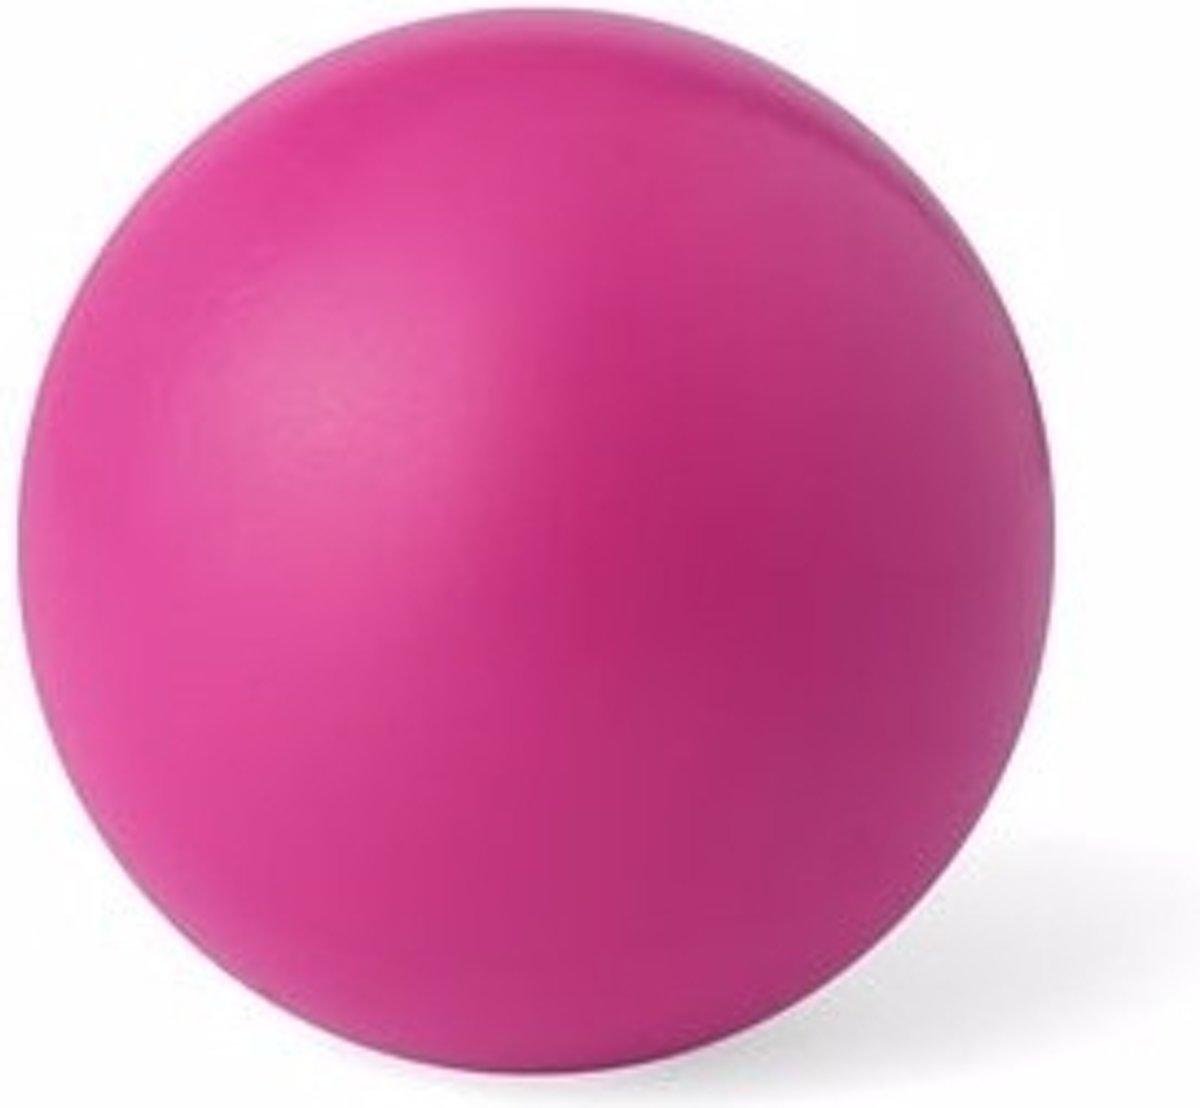 Roze anti stressbal 6 cm kopen